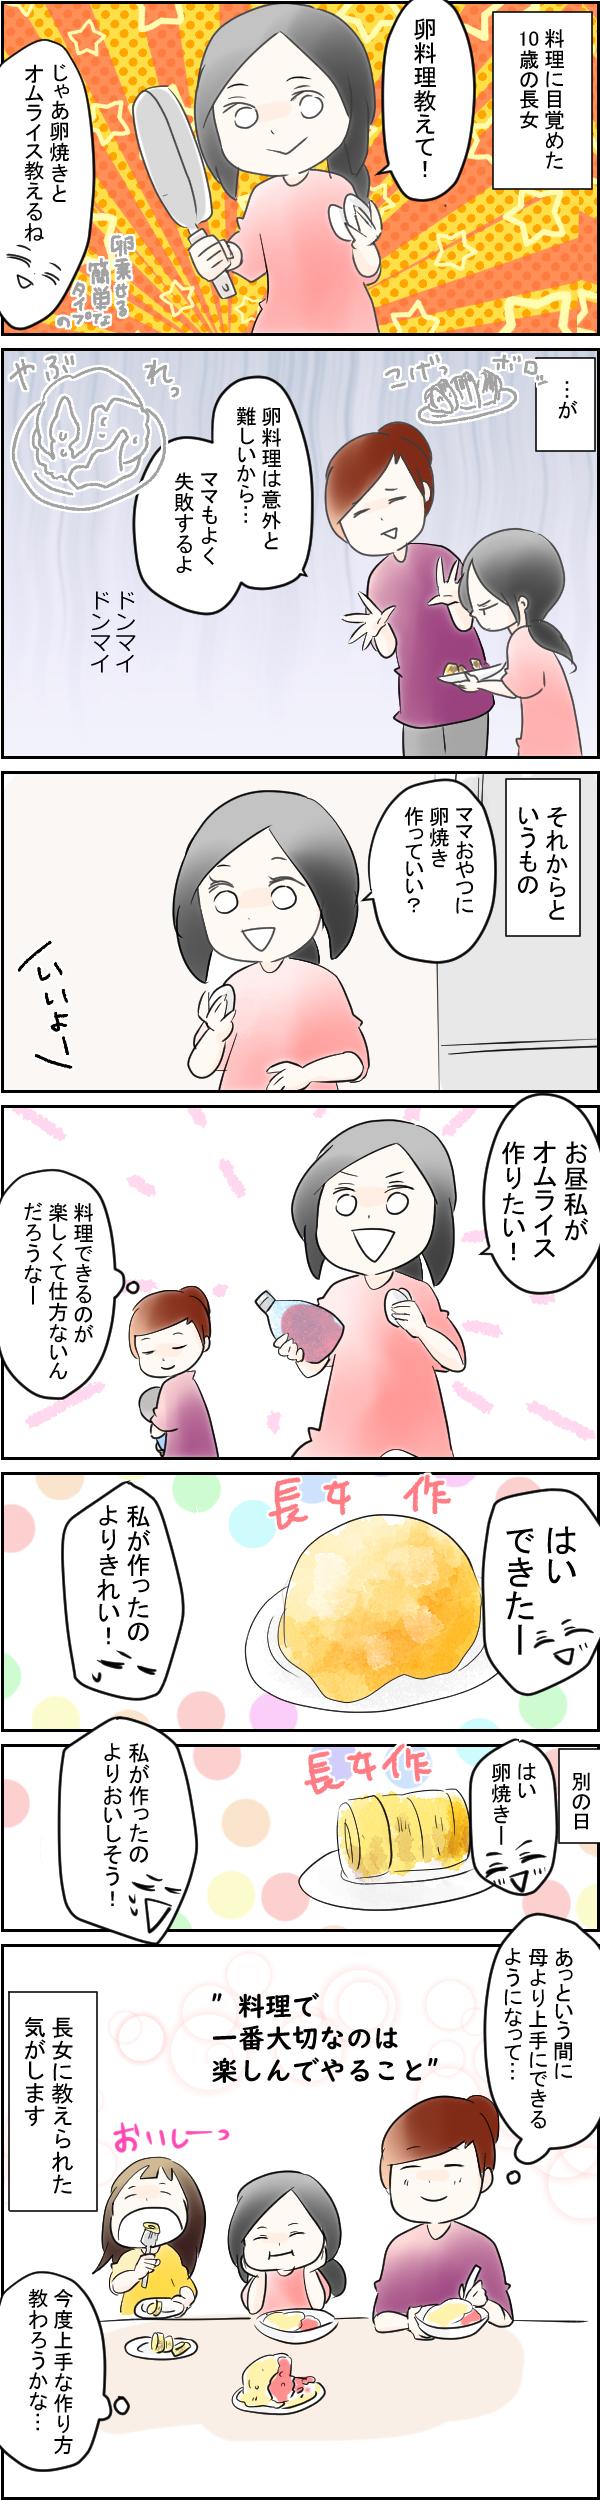 長女が卵料理にチャレンジ!何度も挑戦する姿を見て、母が悟ったことの画像1